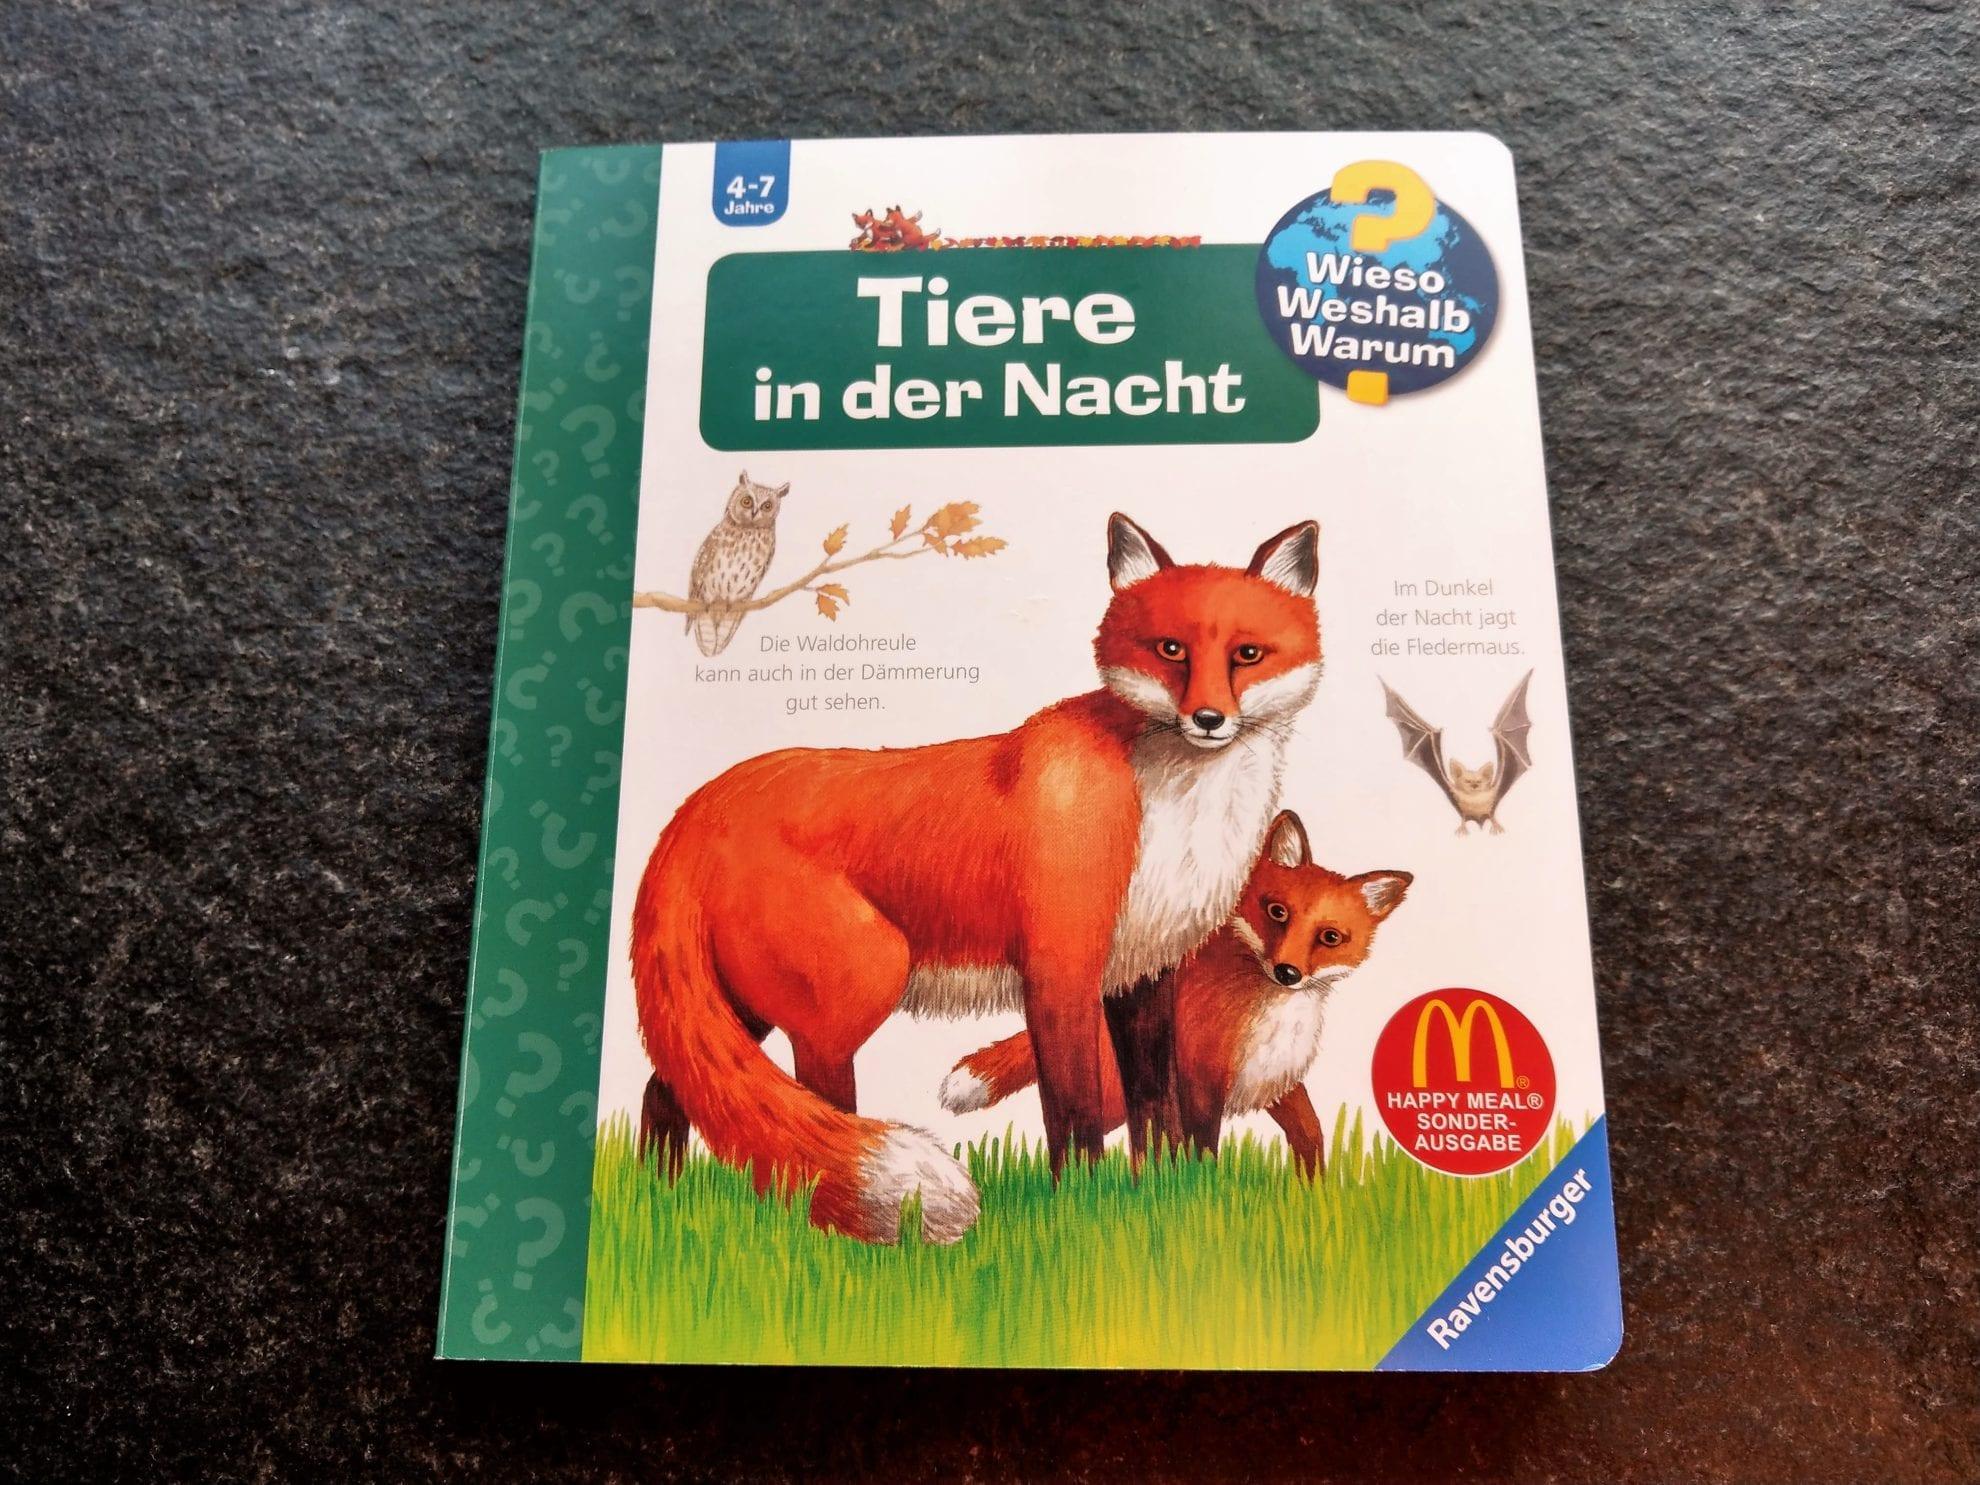 """Das Lieblingsbuch der Freitagslieblinge am 28.9.18 ist """"Tiere der Nacht"""" der Reihe Wieso Weshalb Warum von Ravensburger"""